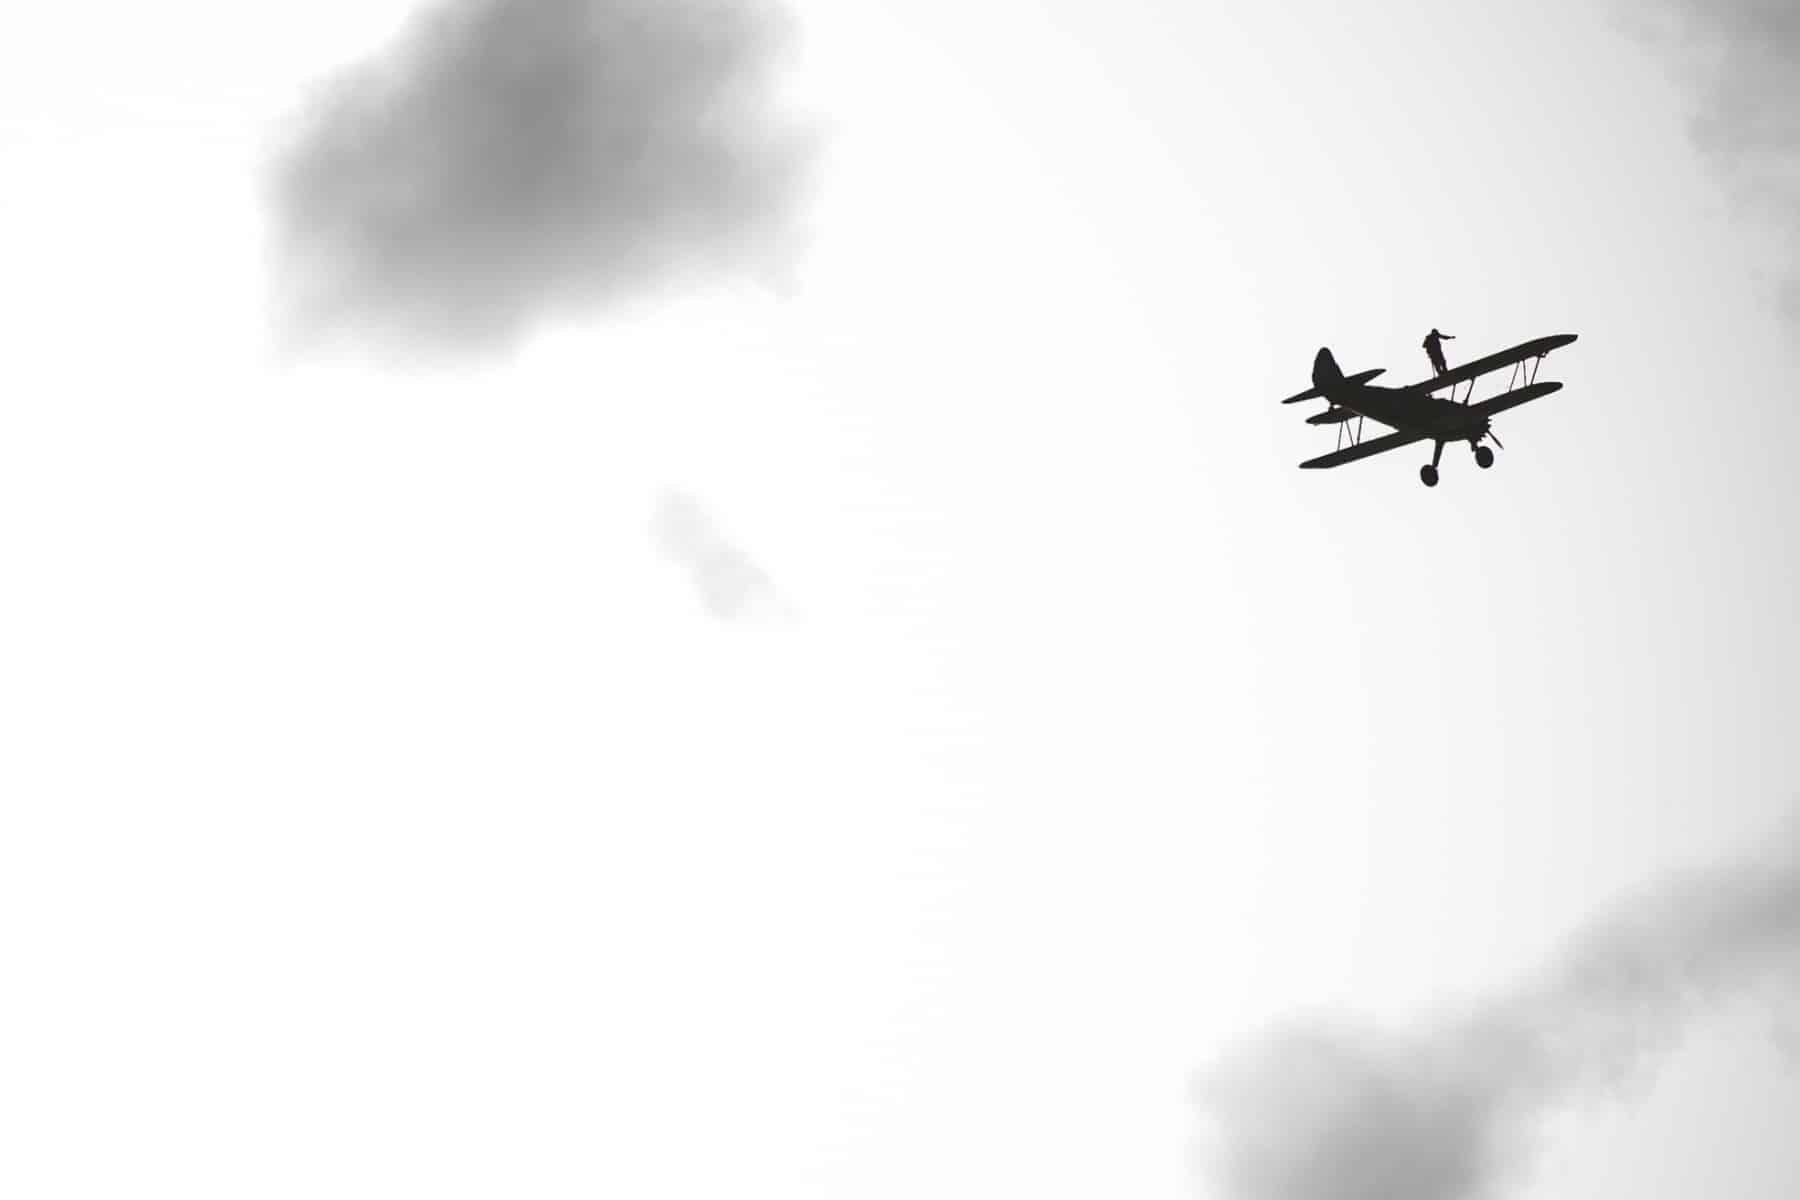 tom-lackey-acrobata-aereo-de-94-anos-en-gibraltar-10102014-18_15515854302_o